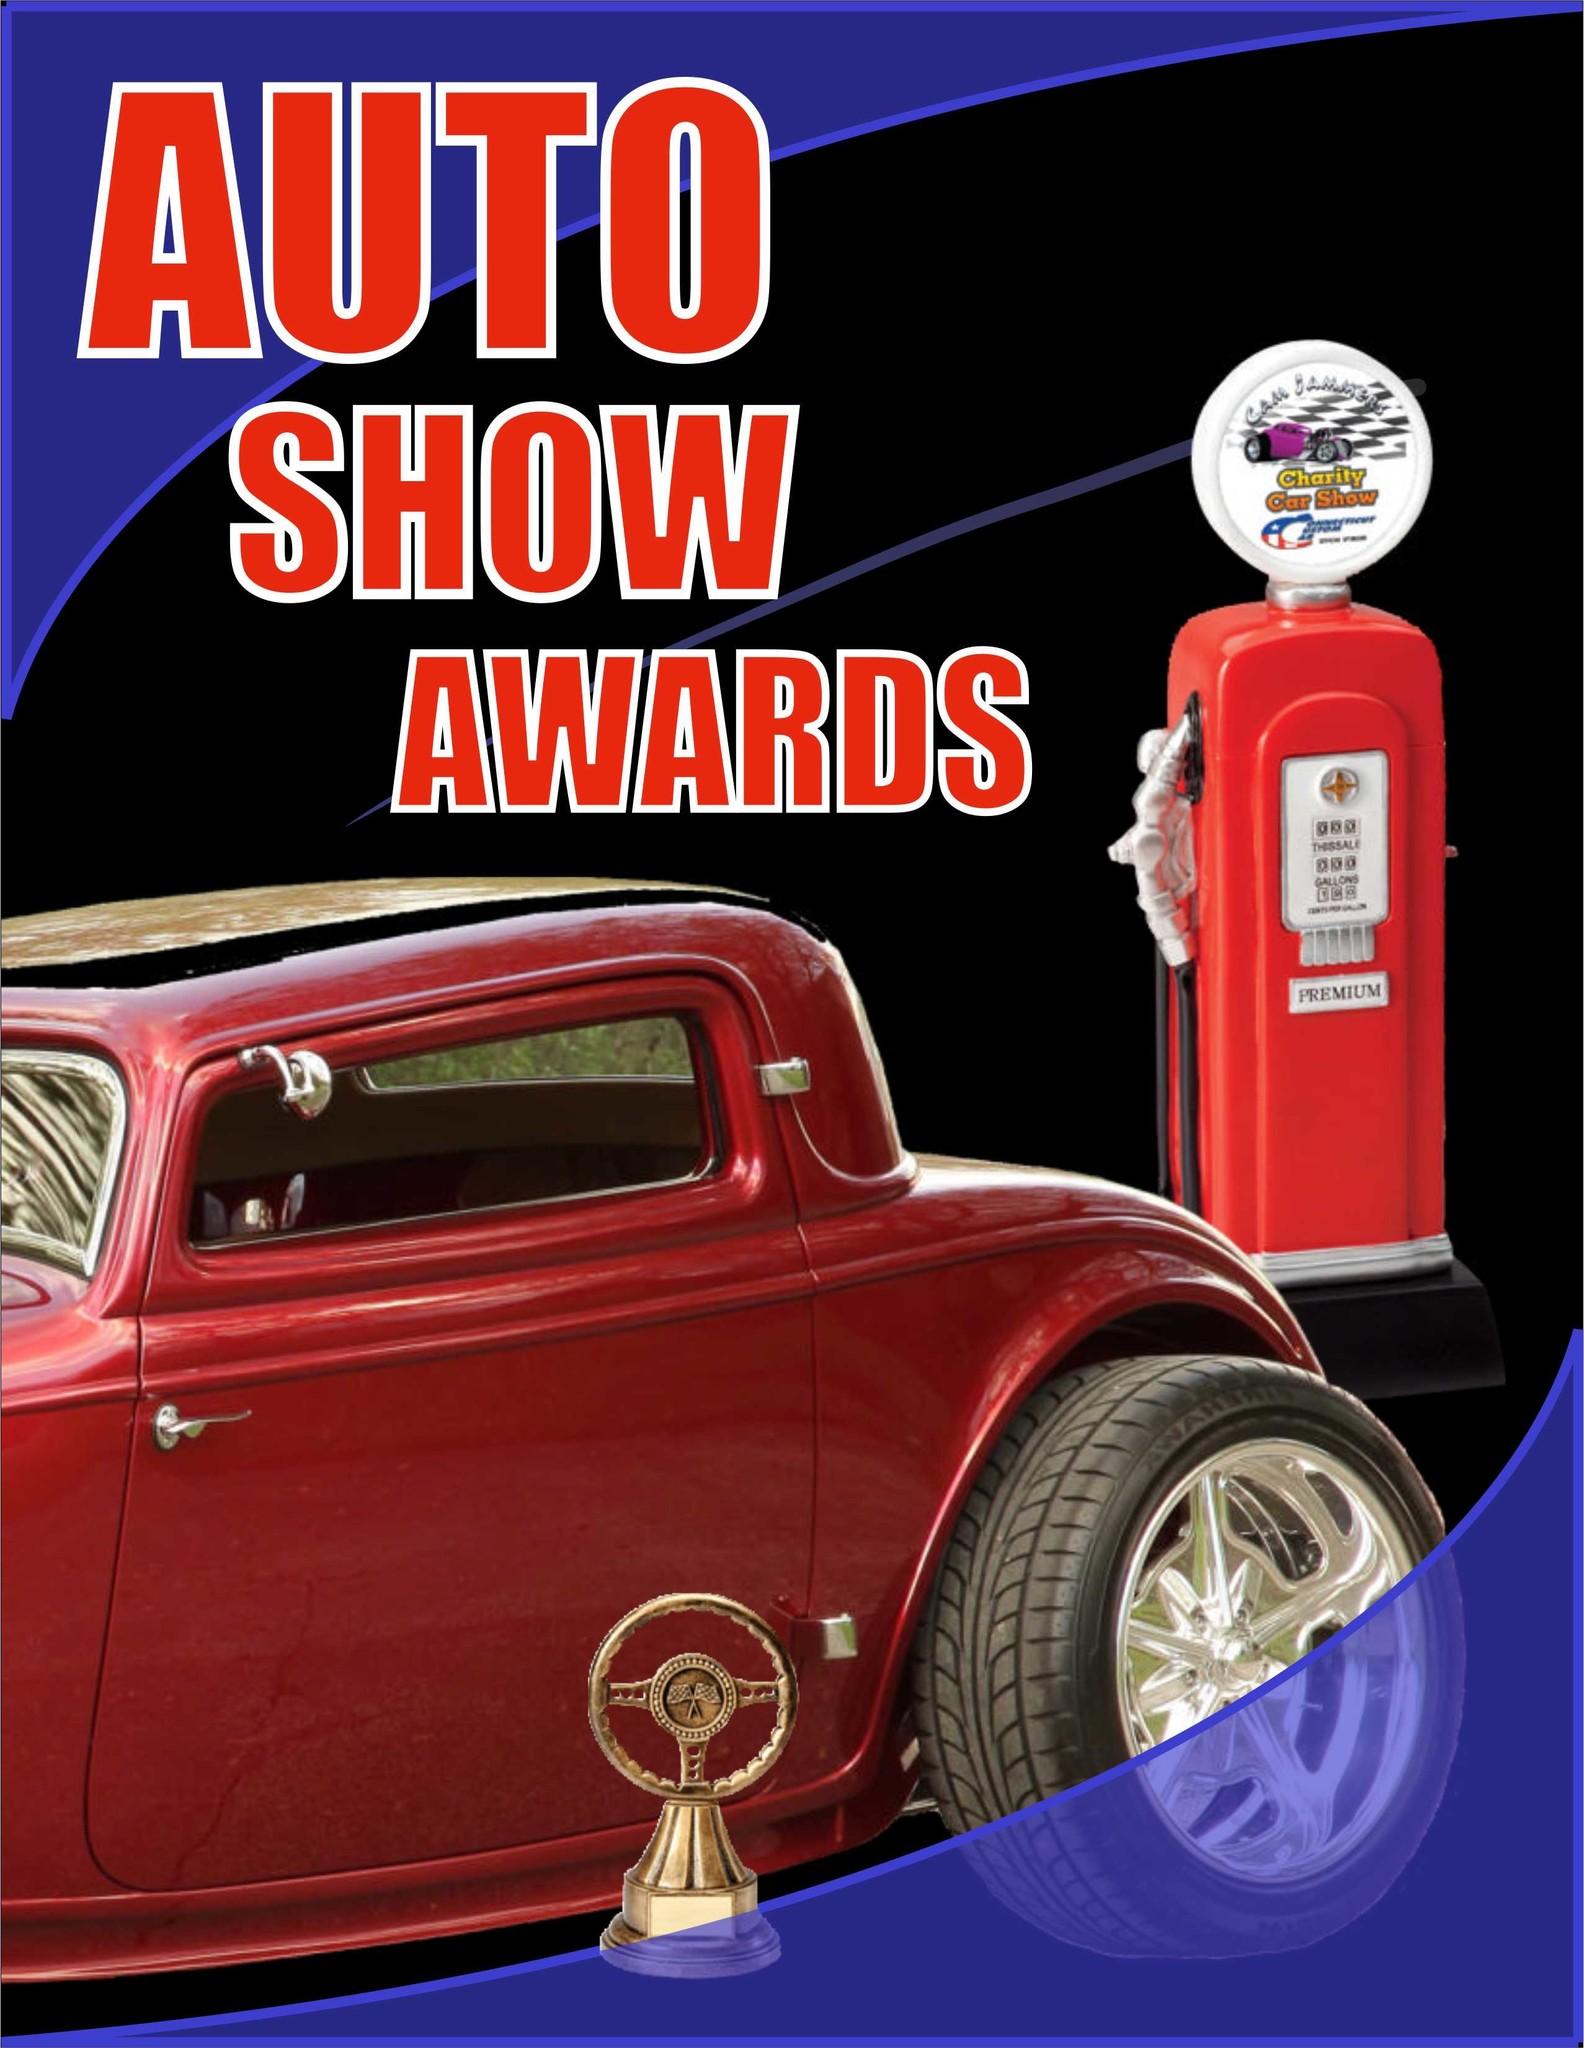 Auto Show Awards